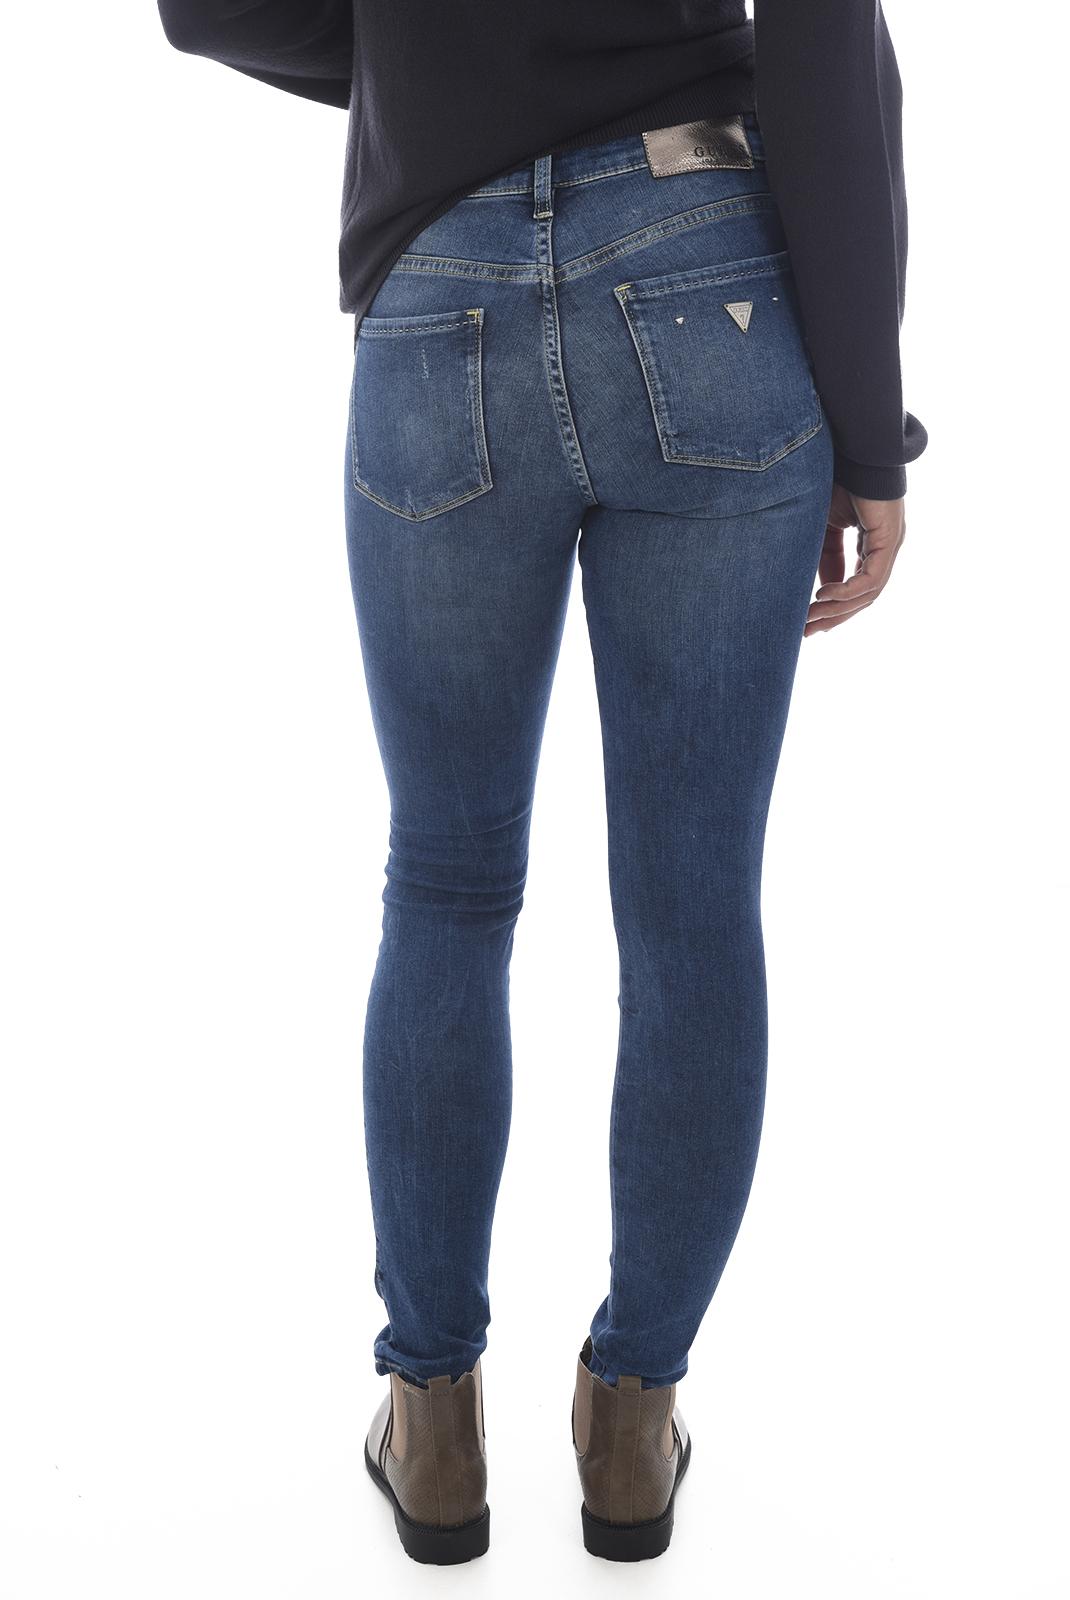 Jeans   Guess jeans W83AJ1 D38R0 SEXY CURVE FIGUE